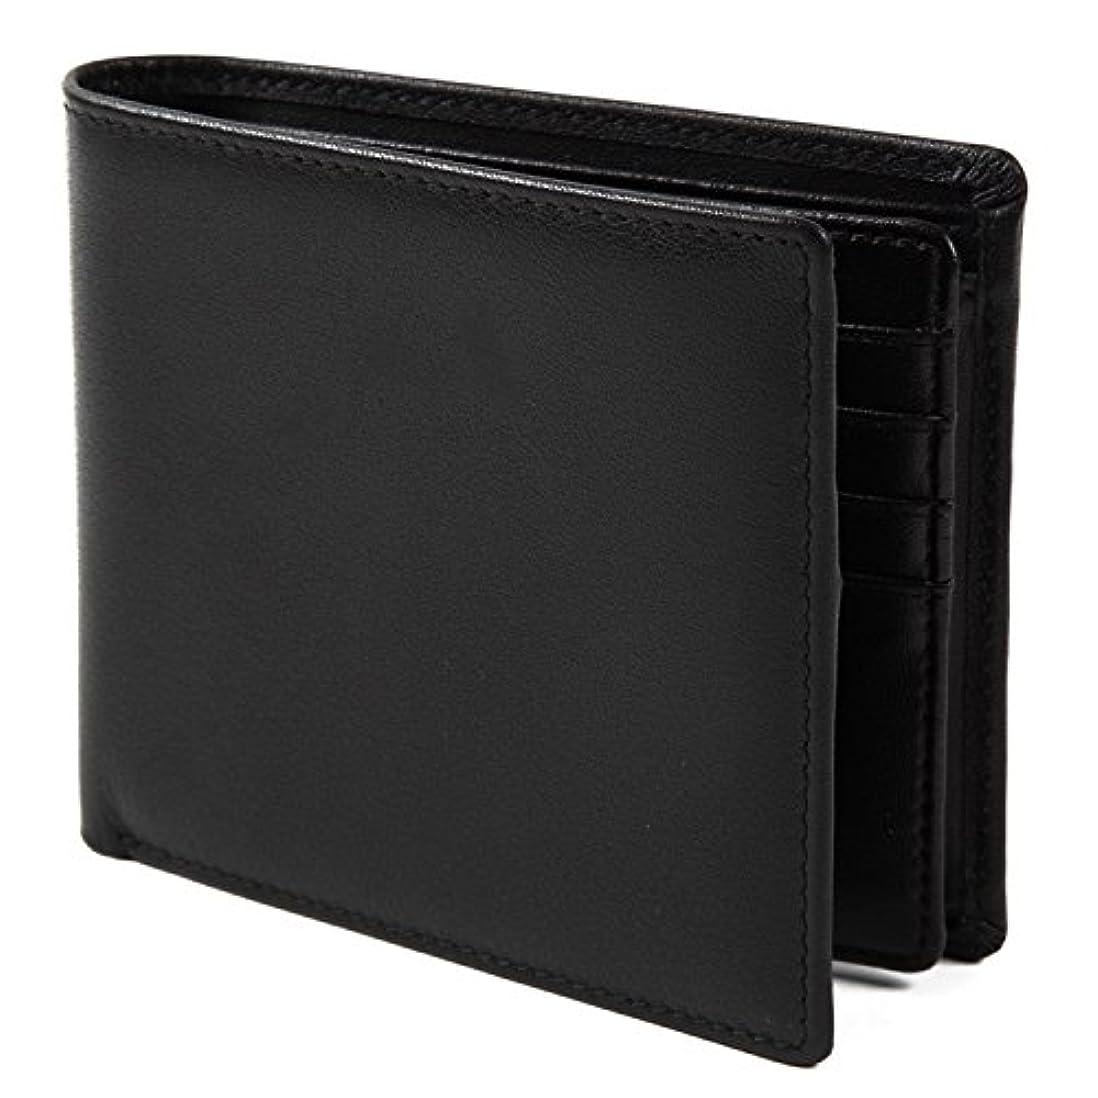 不完全な必要剃る【Avangly】二つ折り 財布 本革 大容量 メンズ ボックス型小銭入れ 隠しポケット付き 二つ折り財布